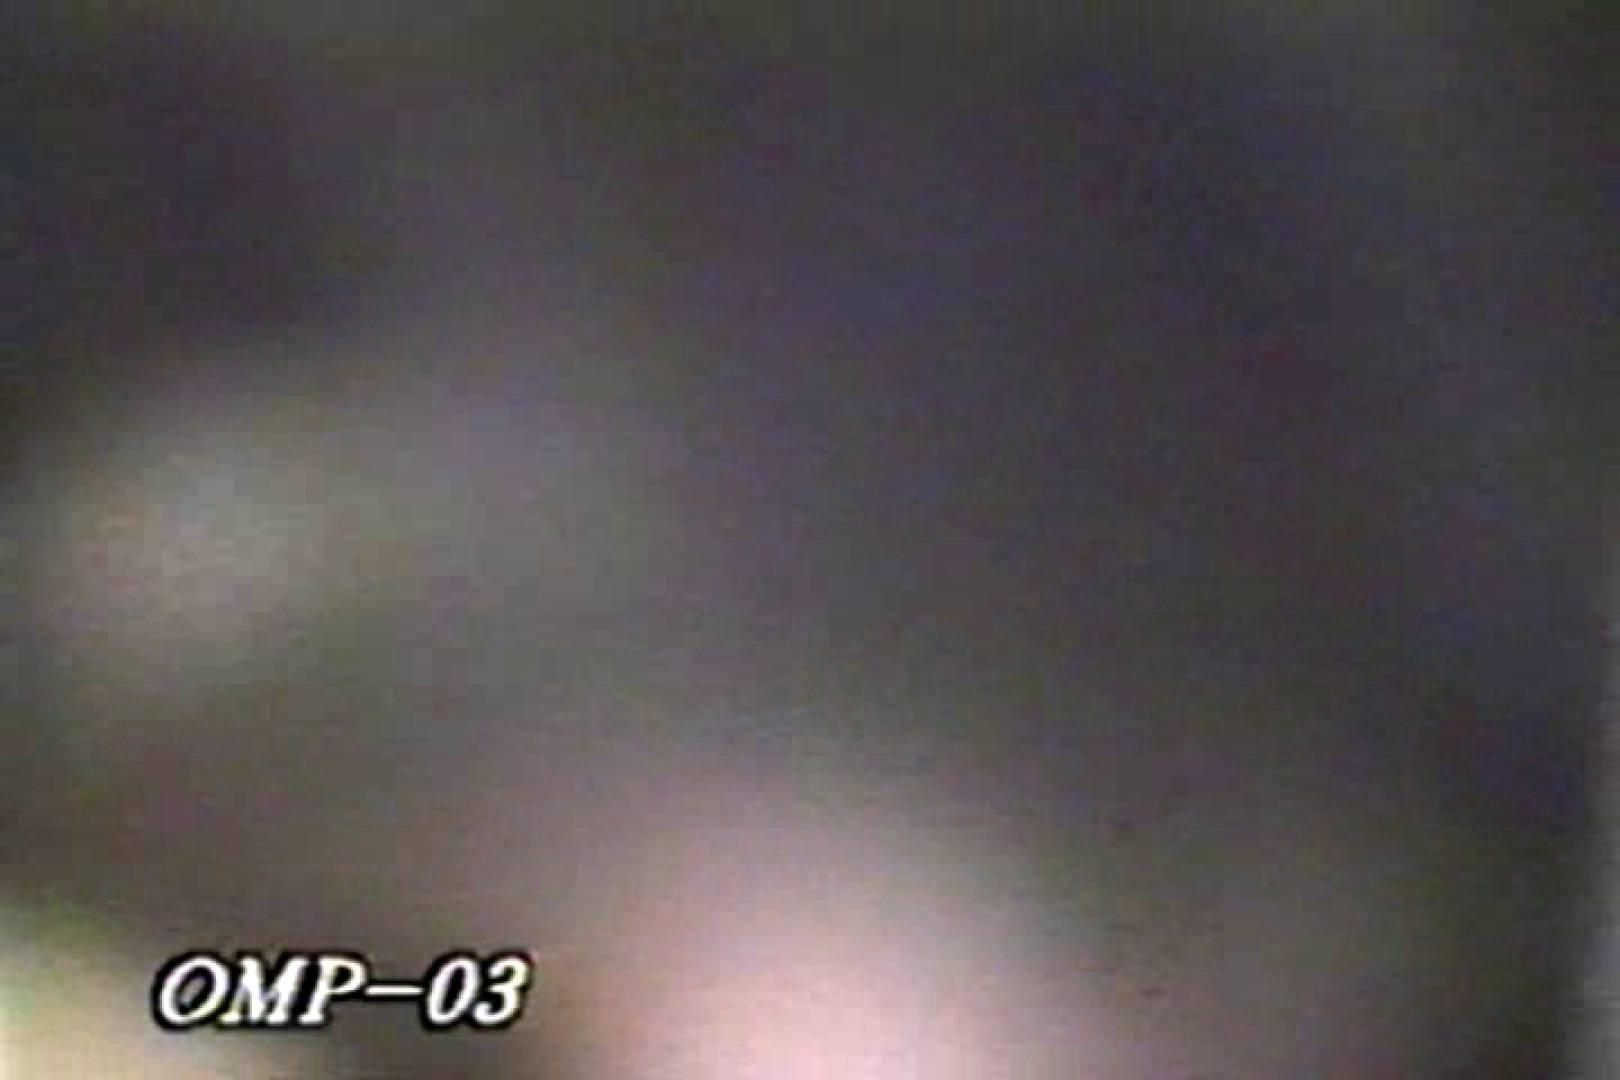 究極の民家覗き撮りVol.3 プライベート  90枚 88